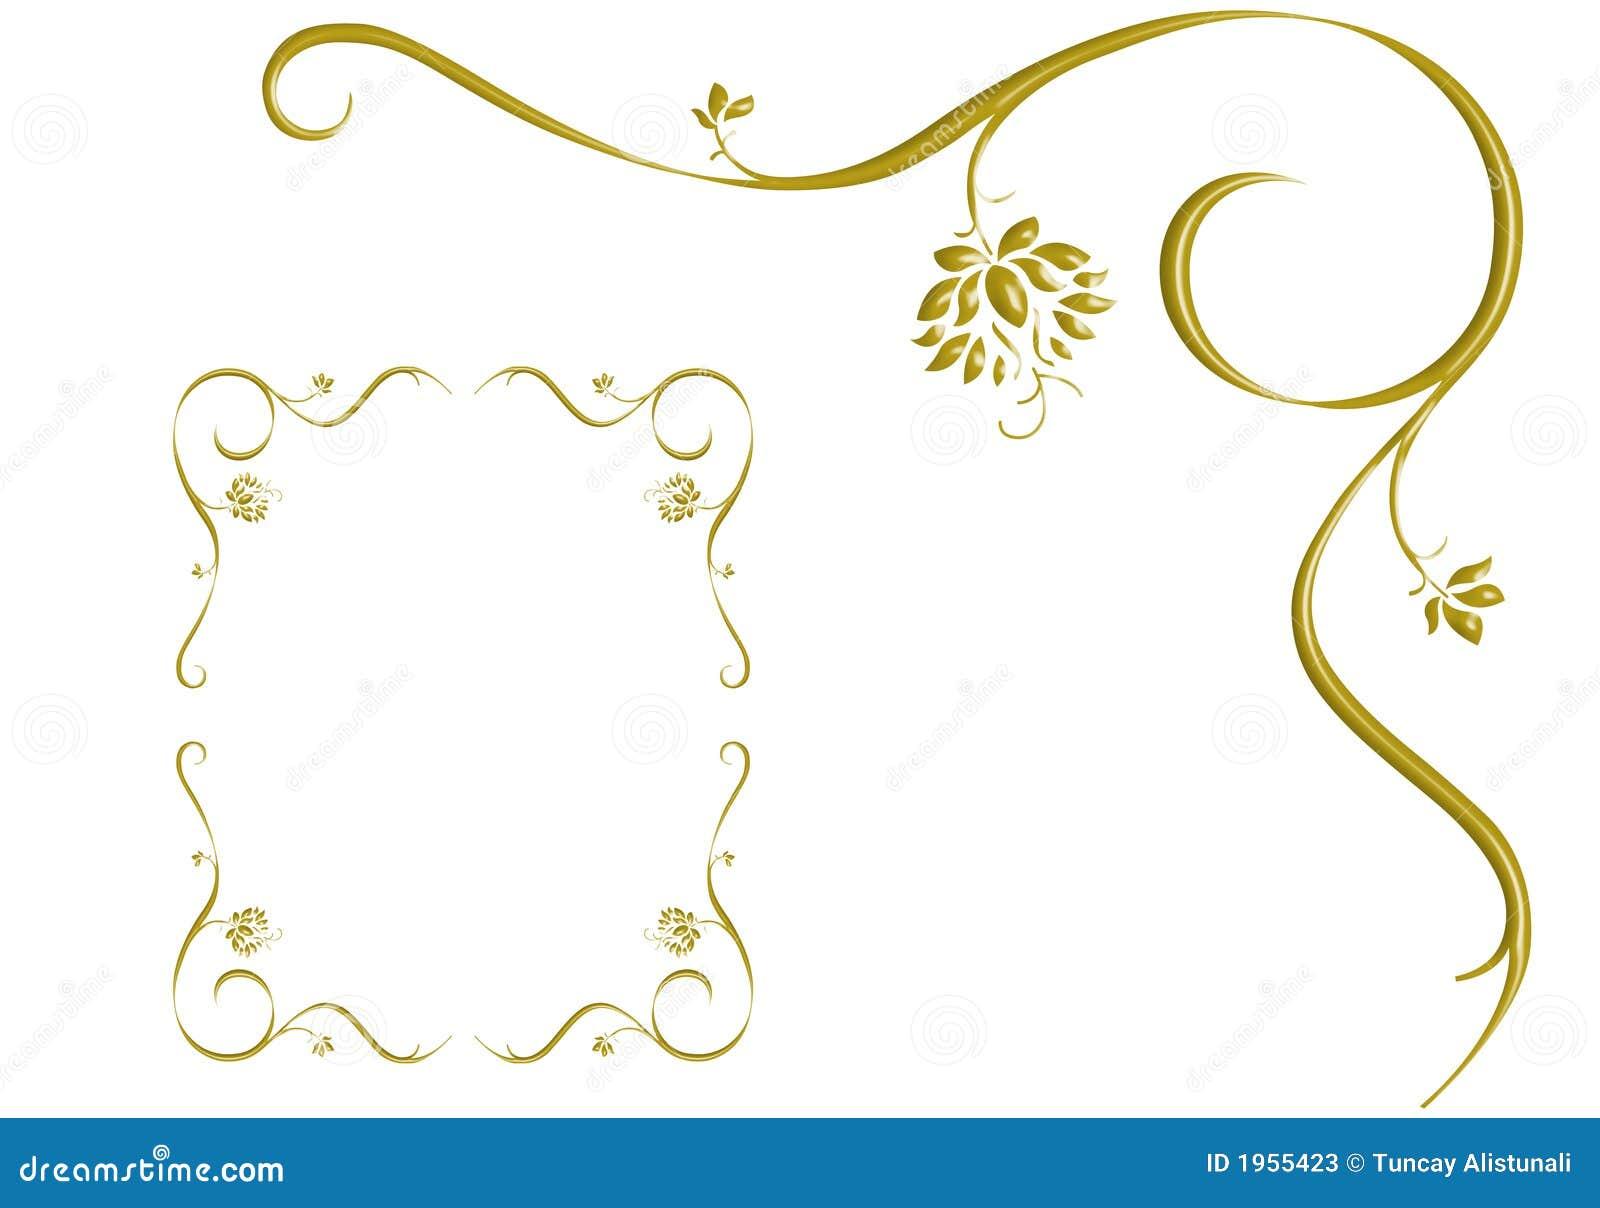 Love Frames Design Gold ivy is frame, design love